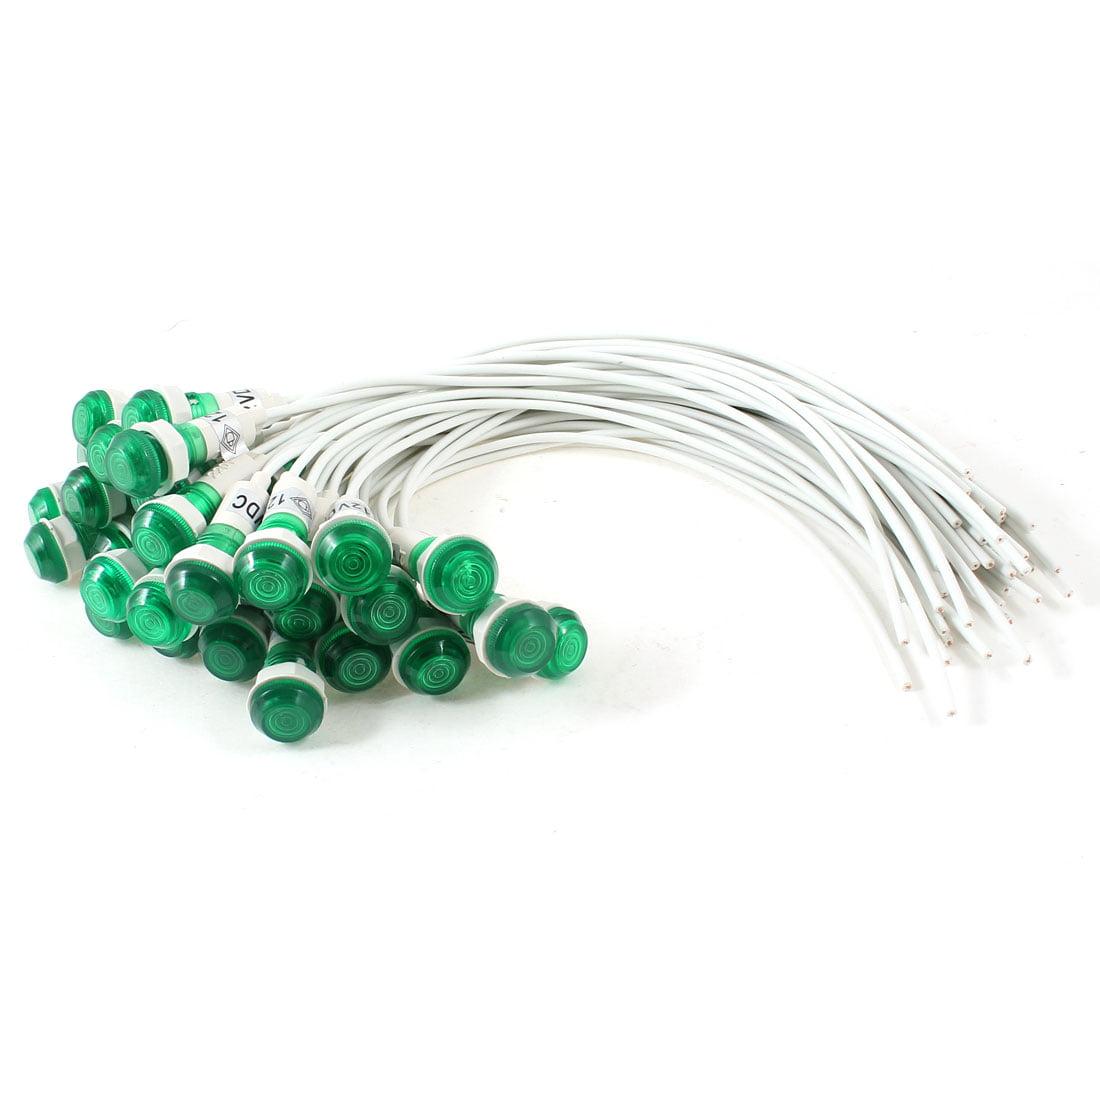 Unique Bargains 30 Pcs 10mm Hole 19cm Long Cable Green Indicator Light Lamp DC 12V